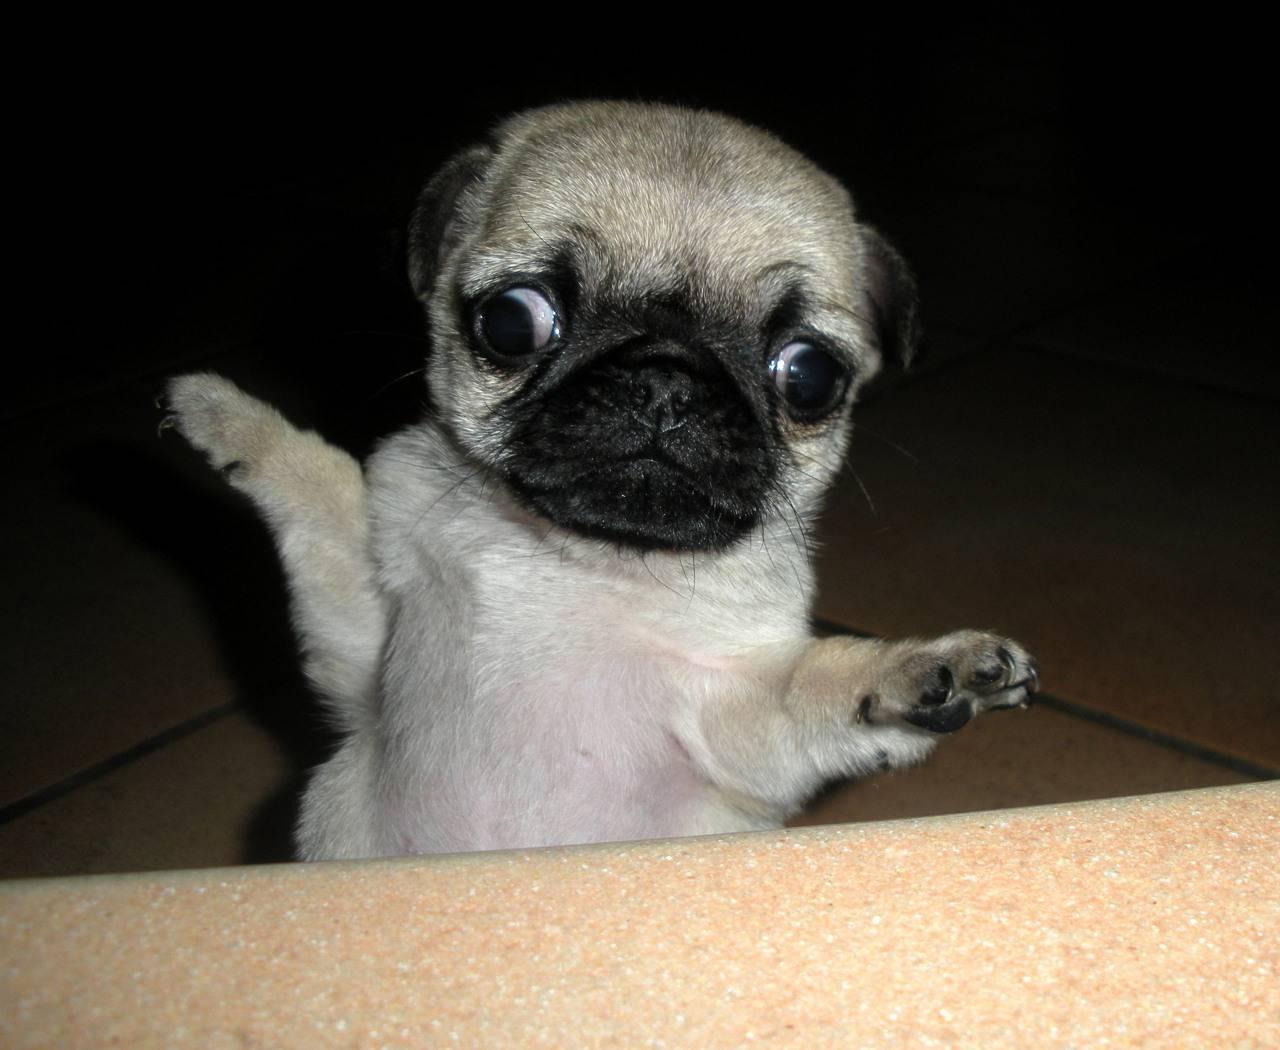 Cute Pug Puppy In Box